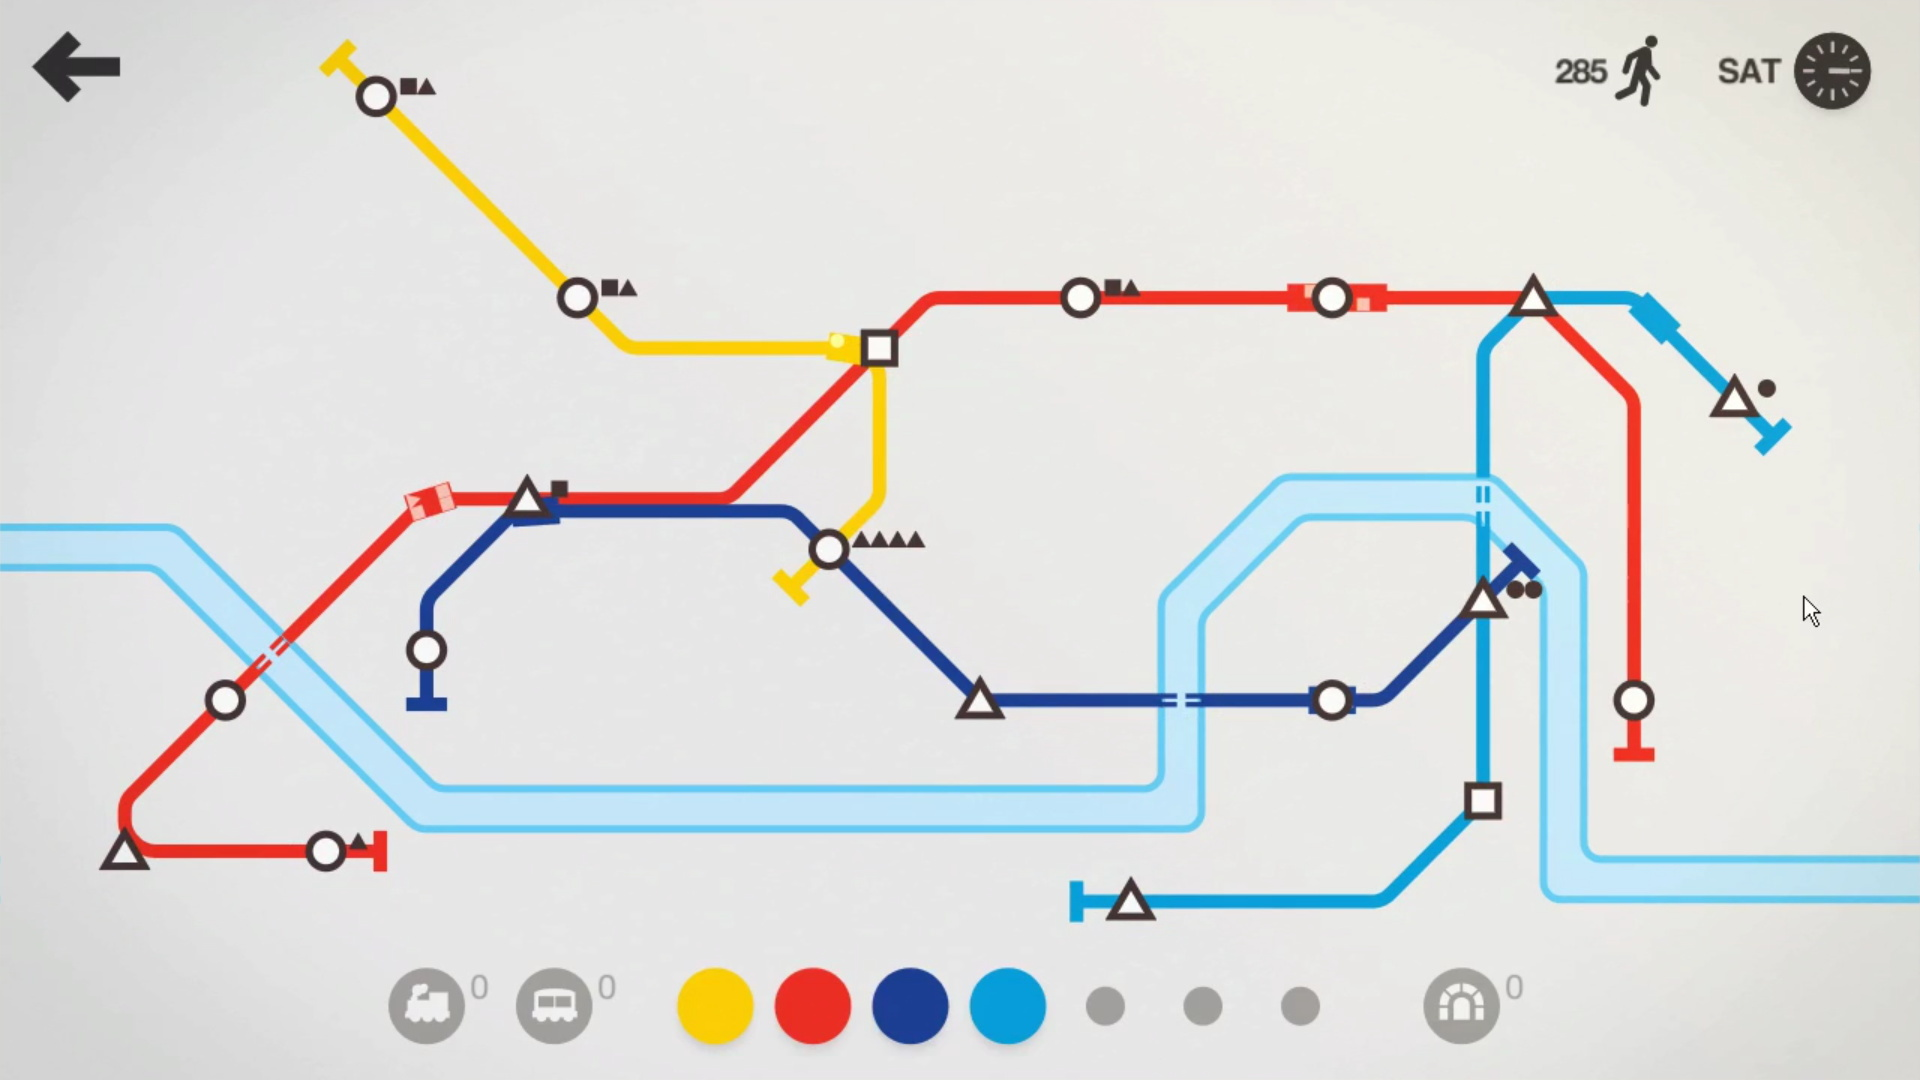 J'aime toujours autant Mini Metro, mais il est dommage que même sur des titres aussi légers, le flux vidéo de Blacknut plafonne à 30 FPS.